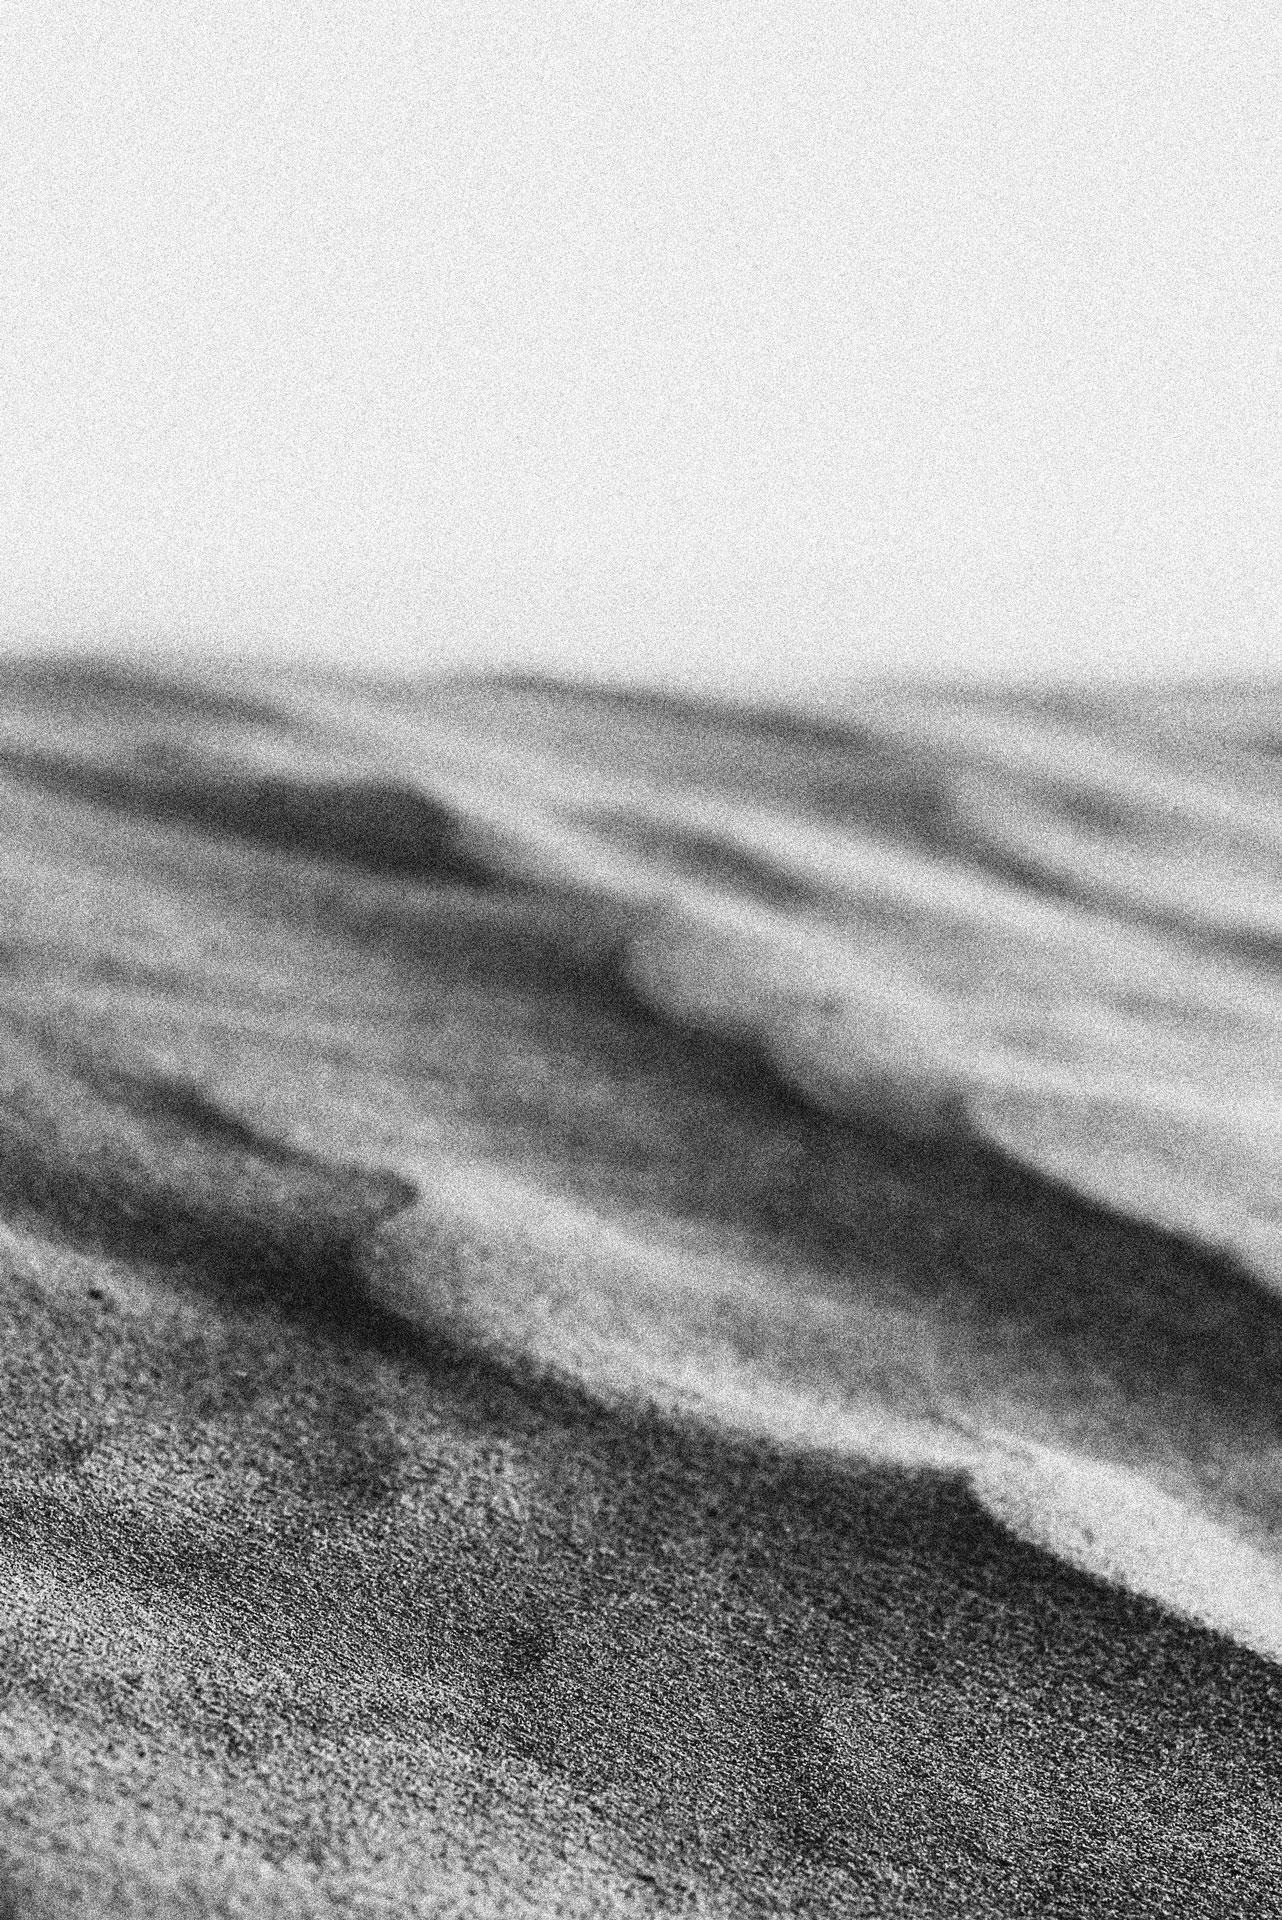 sand1-grain.jpg